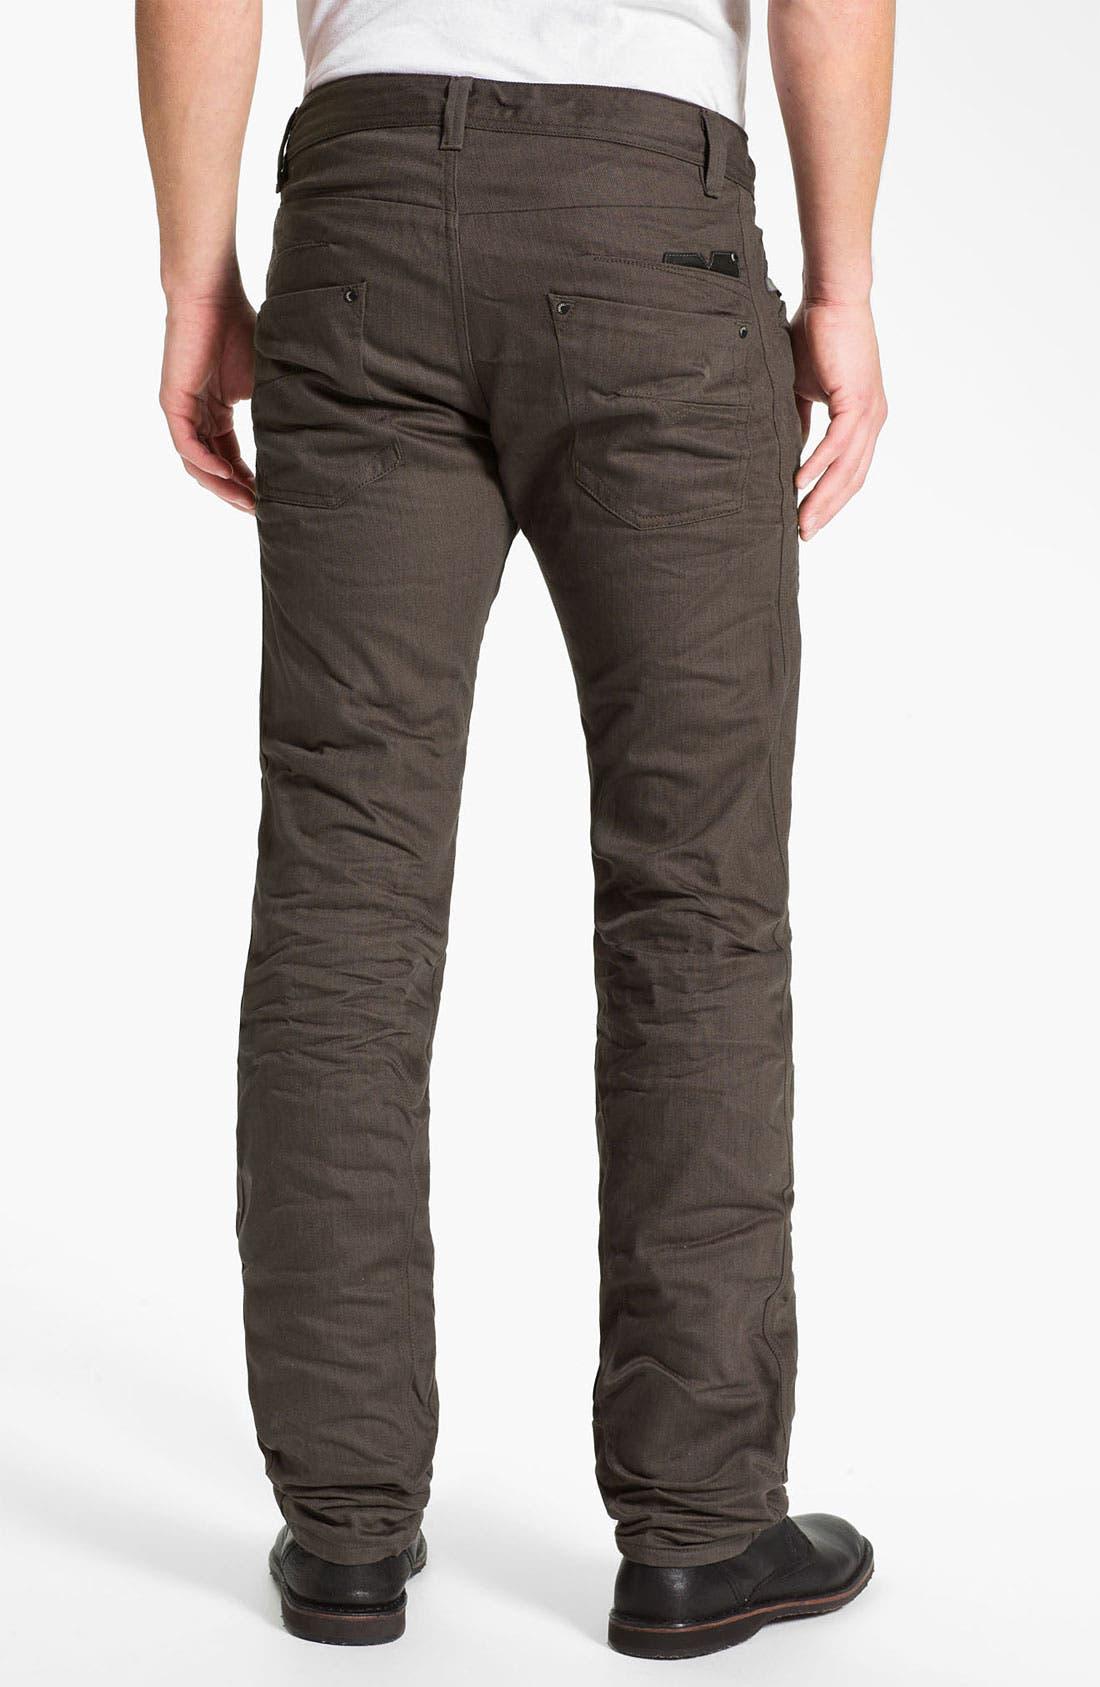 Alternate Image 1 Selected - DIESEL® 'Darron' Slim Tapered Leg Jeans (Deep Black)